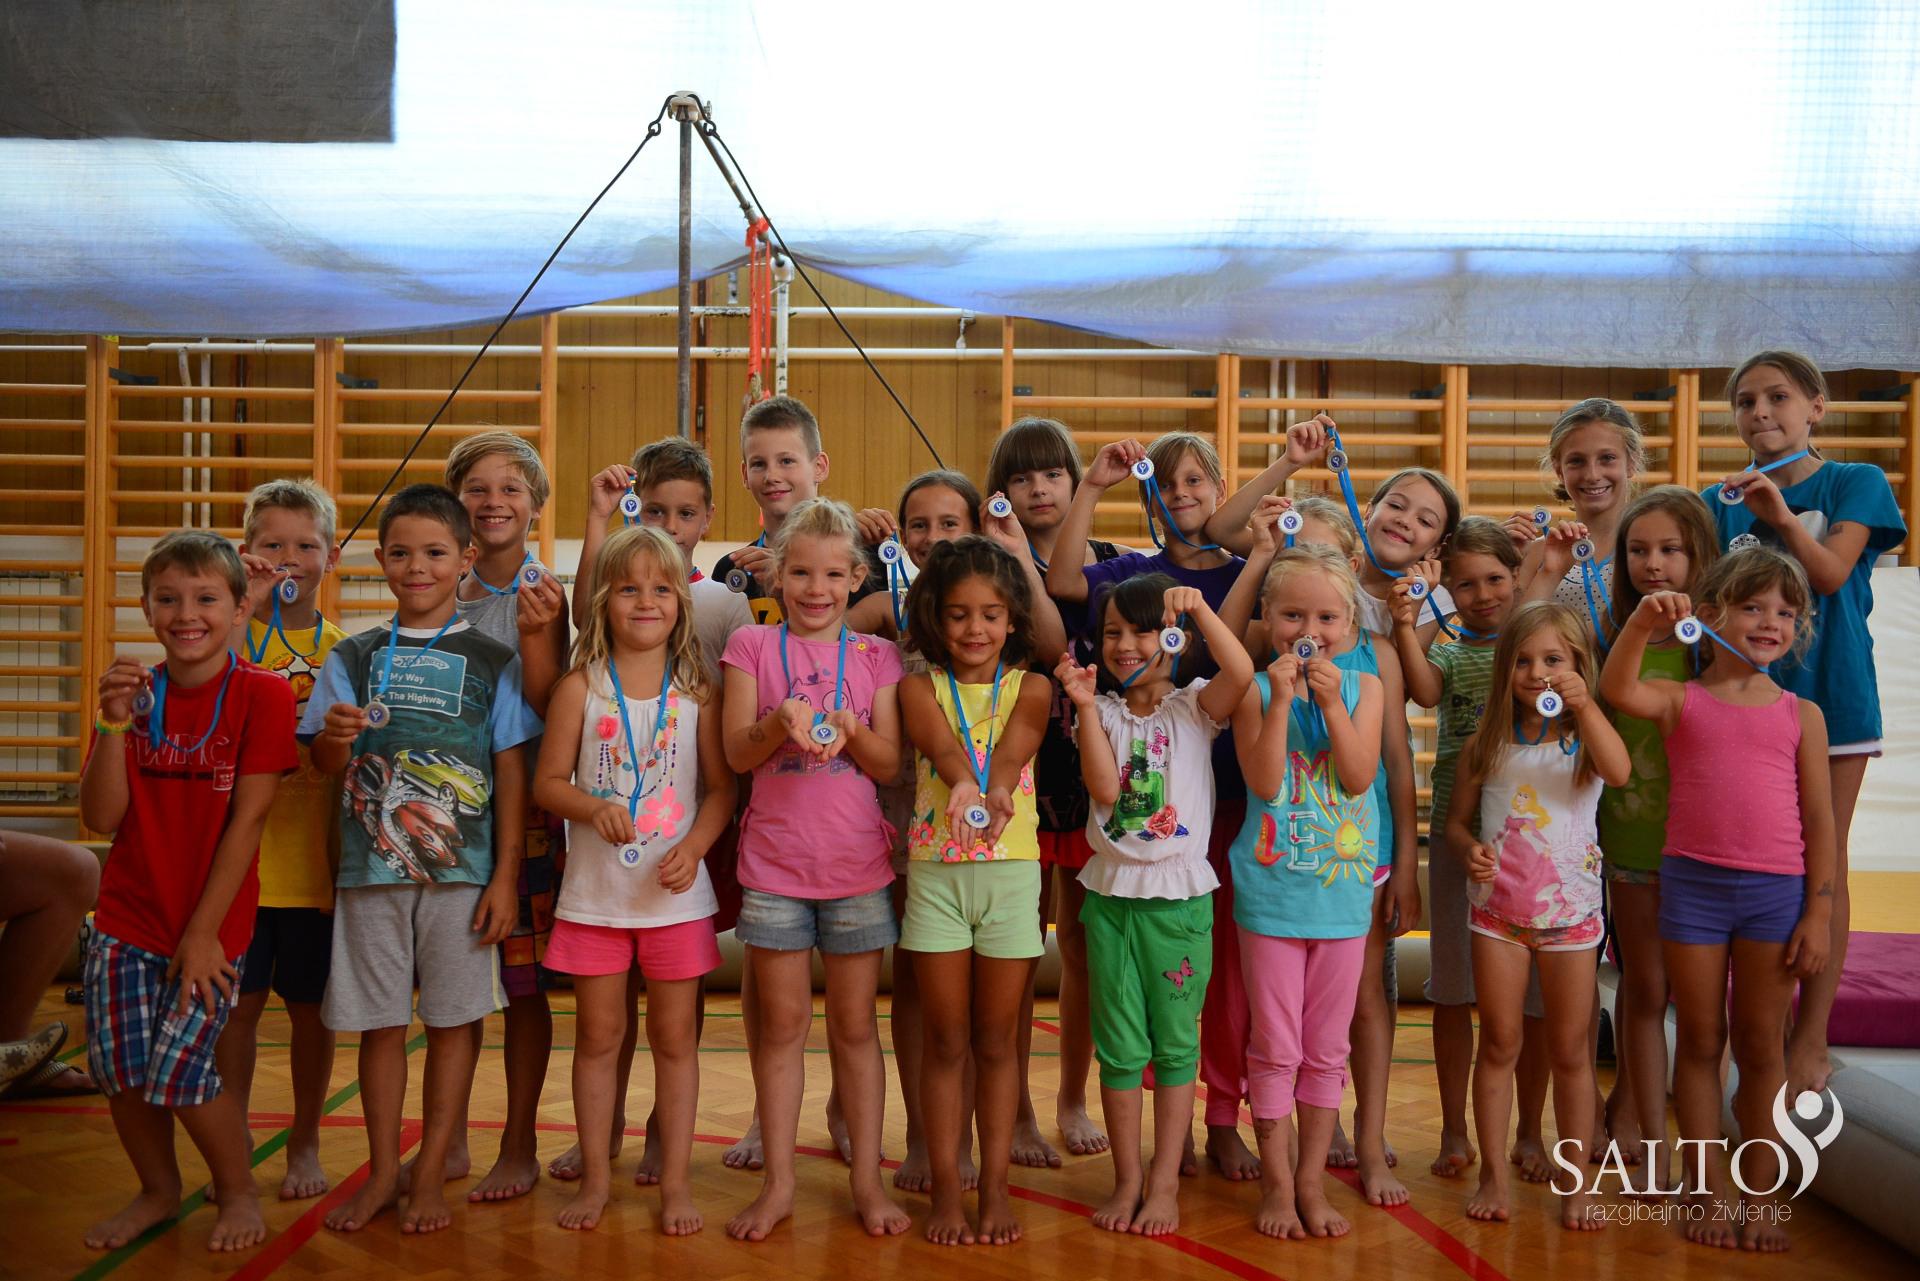 Poletna Športna Šola 2014 Koper – drugi termin – Peti ter zadnji dan